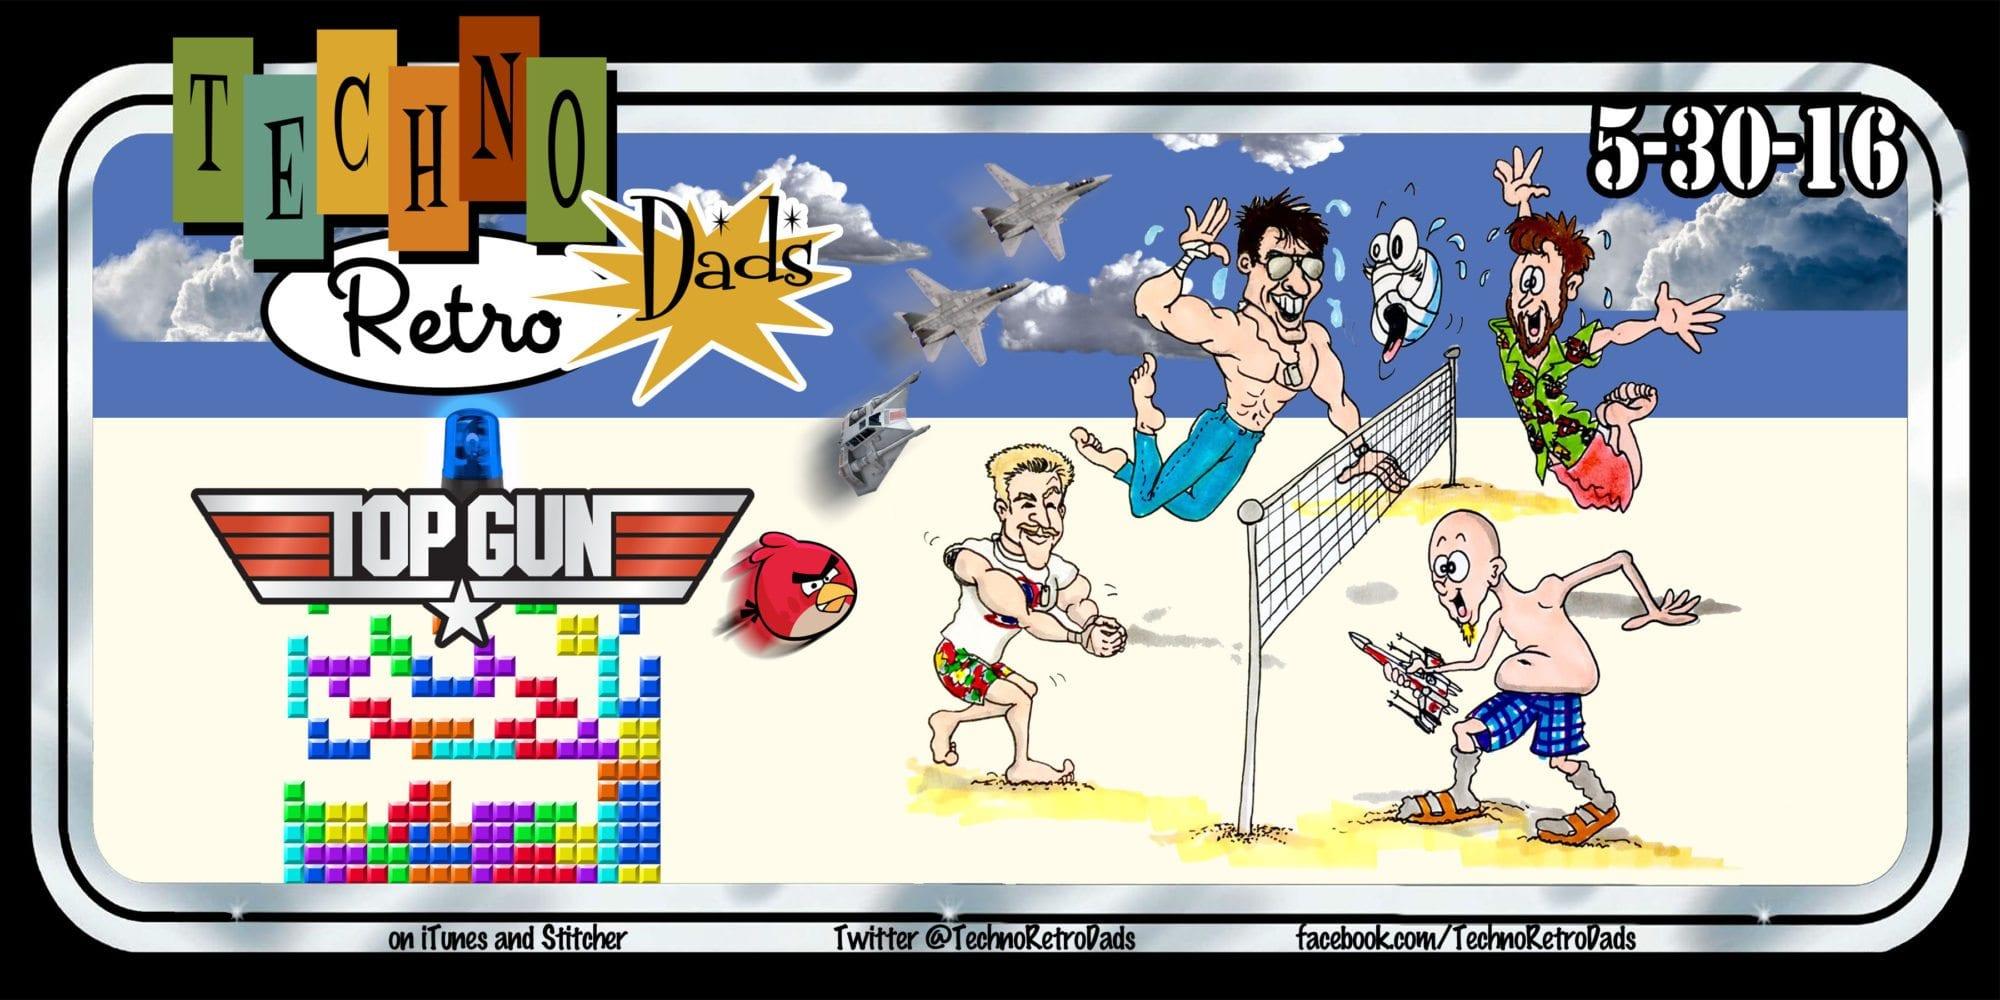 Top Gun TechnoRetro Dads